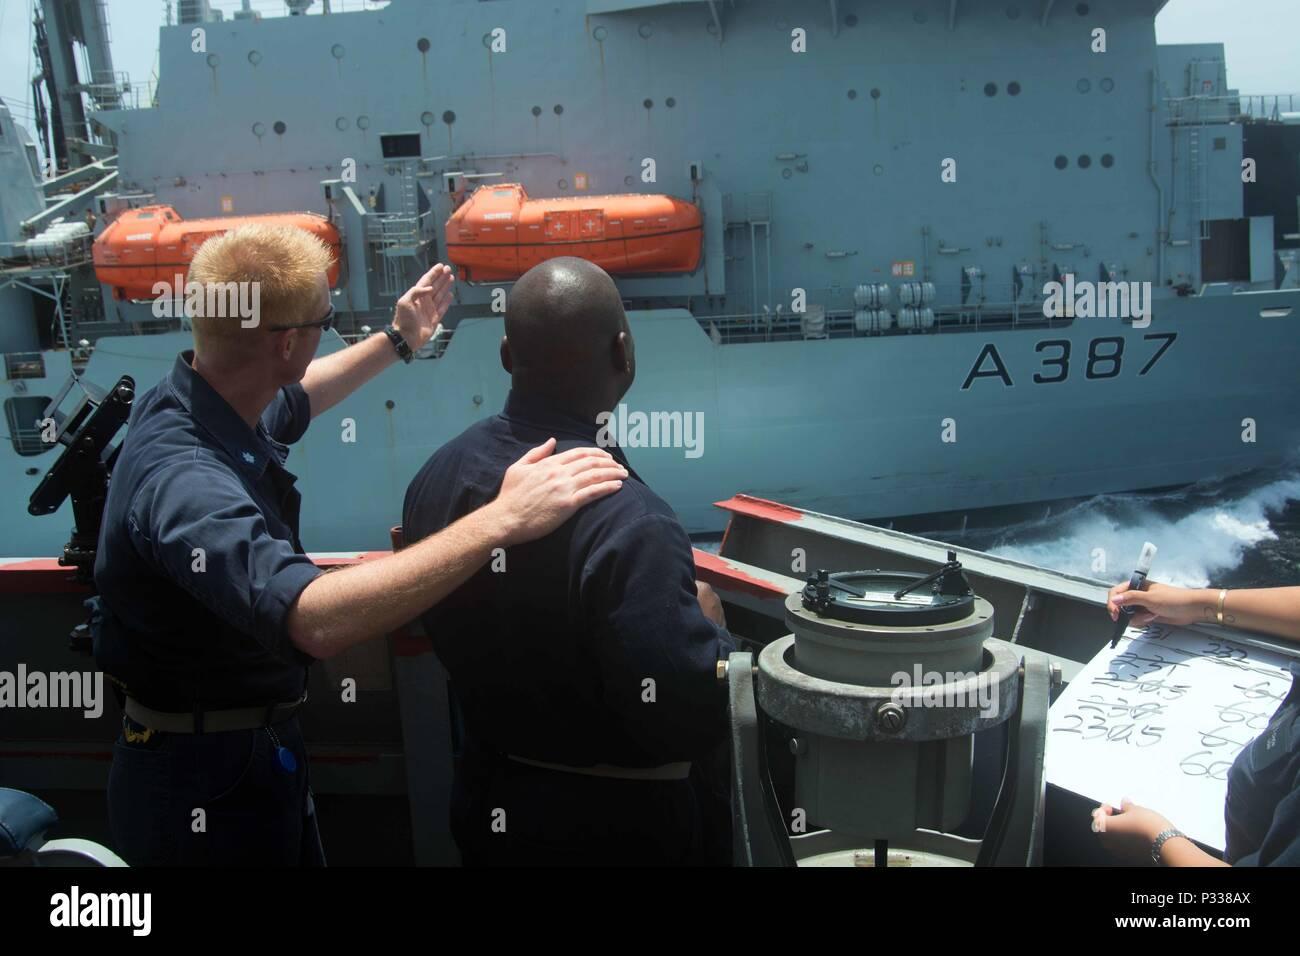 160825-N-CL027-265 Golfo di Oman (Agosto 25, 2016) Lt. Larry persona, a destra da Riverdale, Ga., conns visite-missile destroyer USS Mason (DDG 87) durante un rifornimento in mare con la flotta nave rifornimento Royal Fleet Auxiliary (RFA) Fort Victoria (a 387) sotto le istruzioni della Cmdr. Stephen W. Aldridge, da Springfield, Virginia, Mason è delegato. Mason, distribuito come parte di Eisenhower Carrier Strike gruppo, è di sostenere le operazioni di sicurezza marittima e di teatro la cooperazione in materia di sicurezza gli sforzi negli Stati Uniti Quinta Flotta area di operazioni. (U.S. Foto di Marina dalle comunicazioni di massa spe Immagini Stock